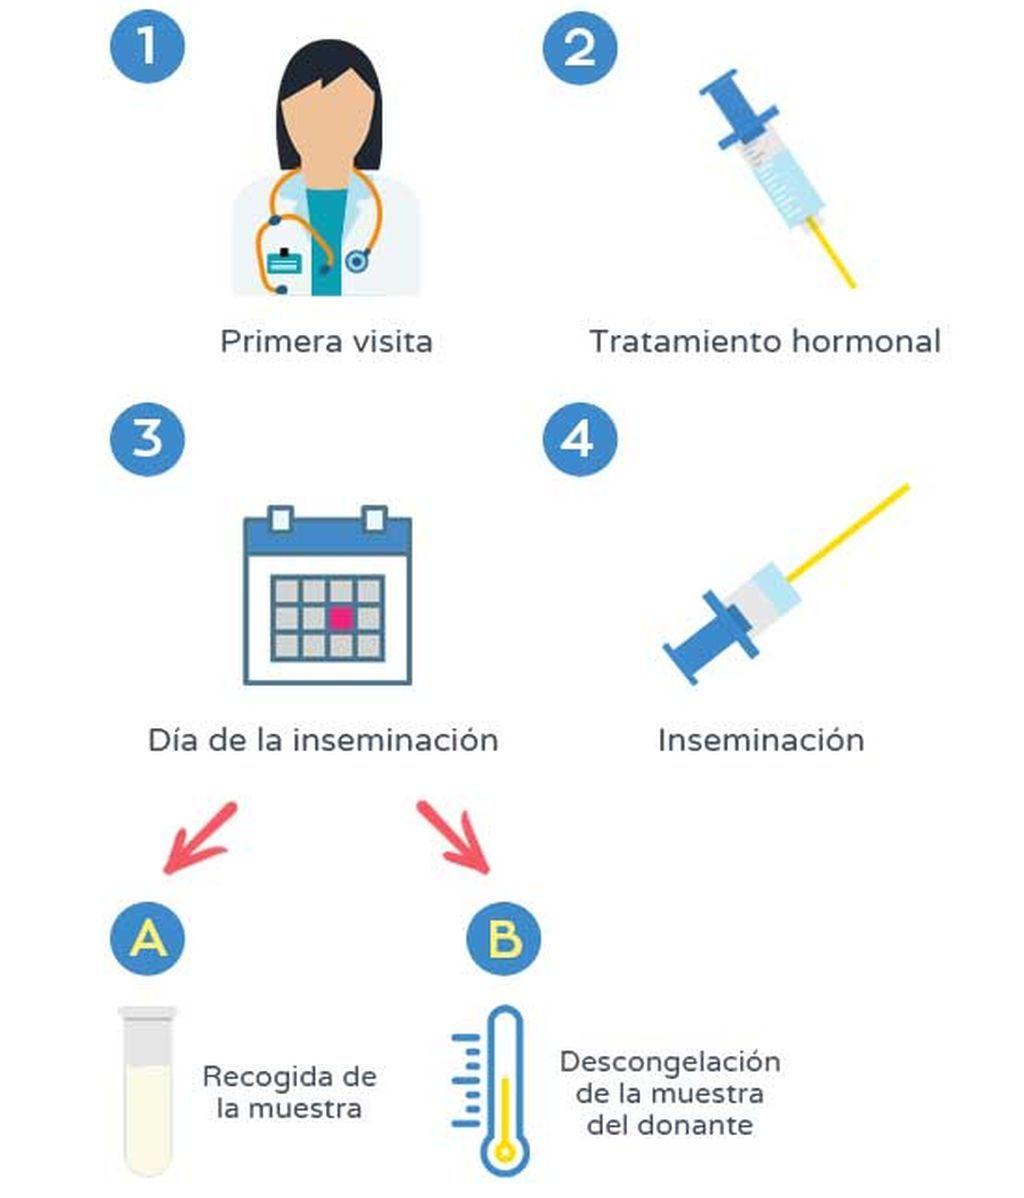 Paso a paso de la inseminación artificial (IA)